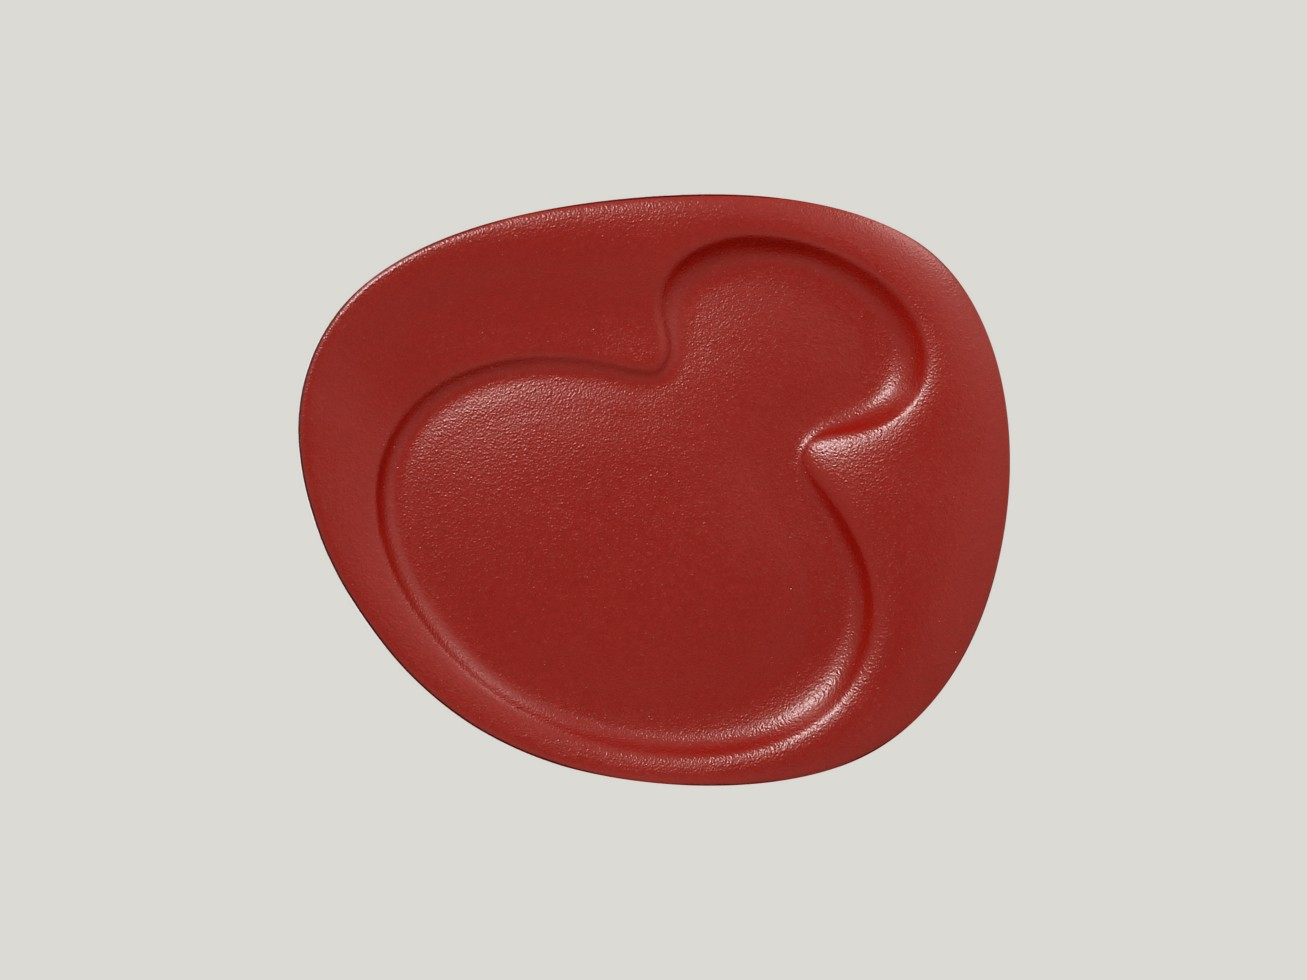 Breakfast talíř - 2 basins - tmavě červená Neofusion